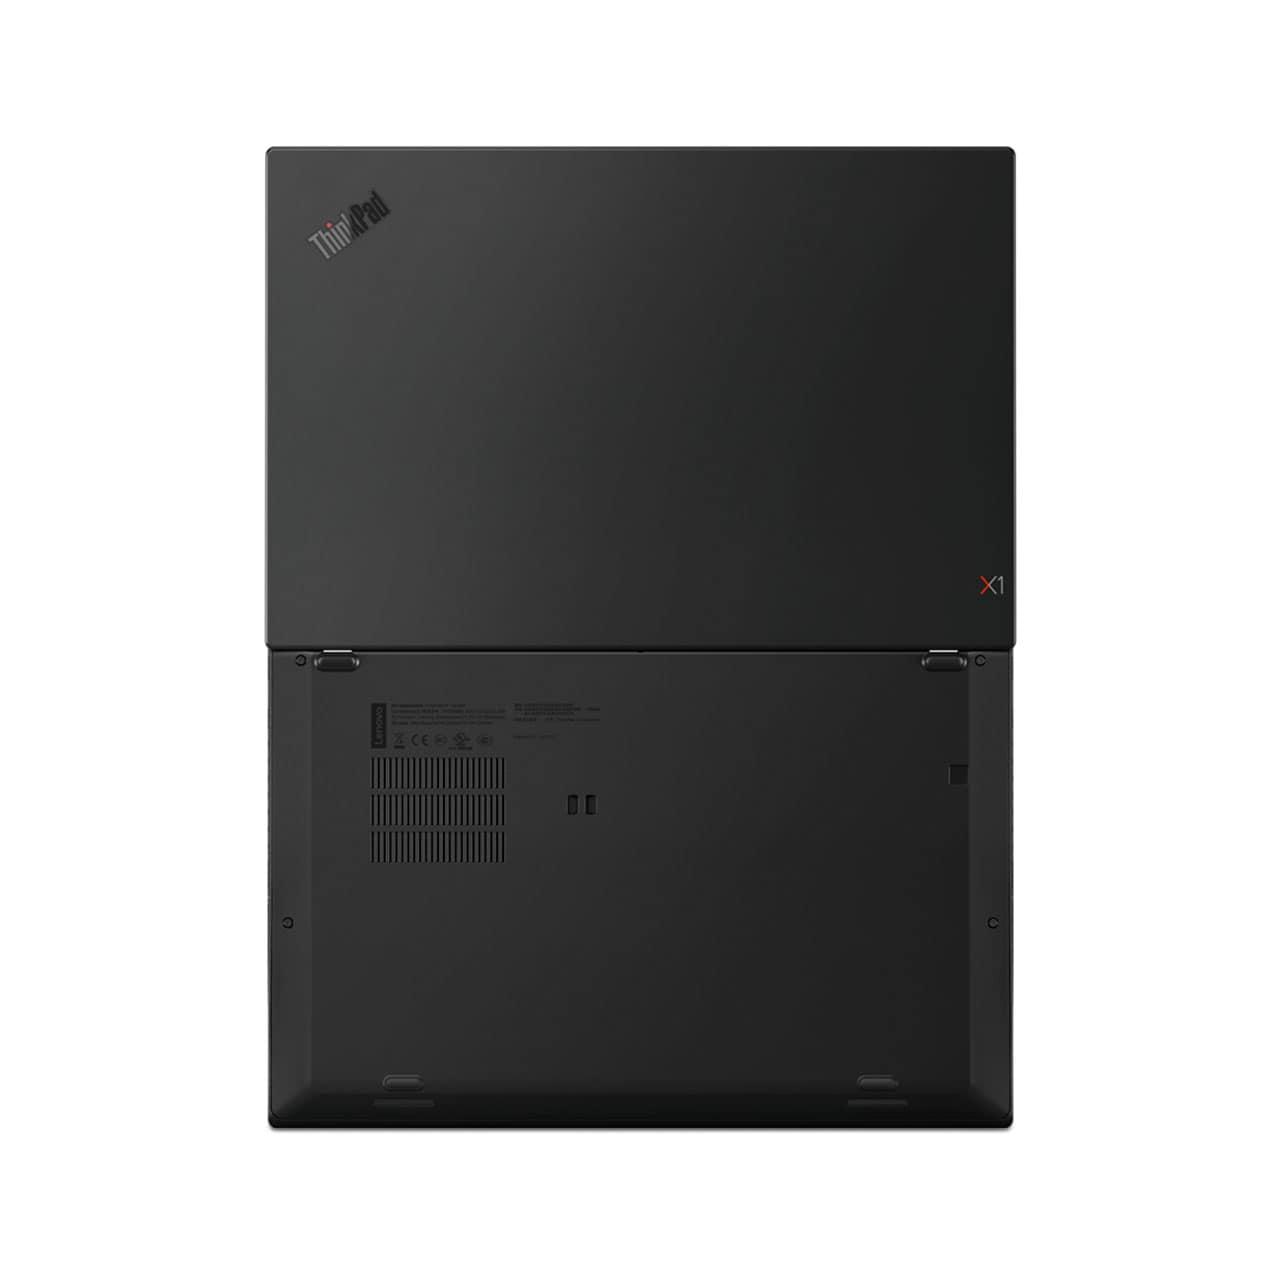 """Lenovo ThinkPad X1 Carbon 6th Generation, 14.0"""", i7-8650U, 16 GB RAM, 1TB SSD, Win 10 Pro 64 4"""